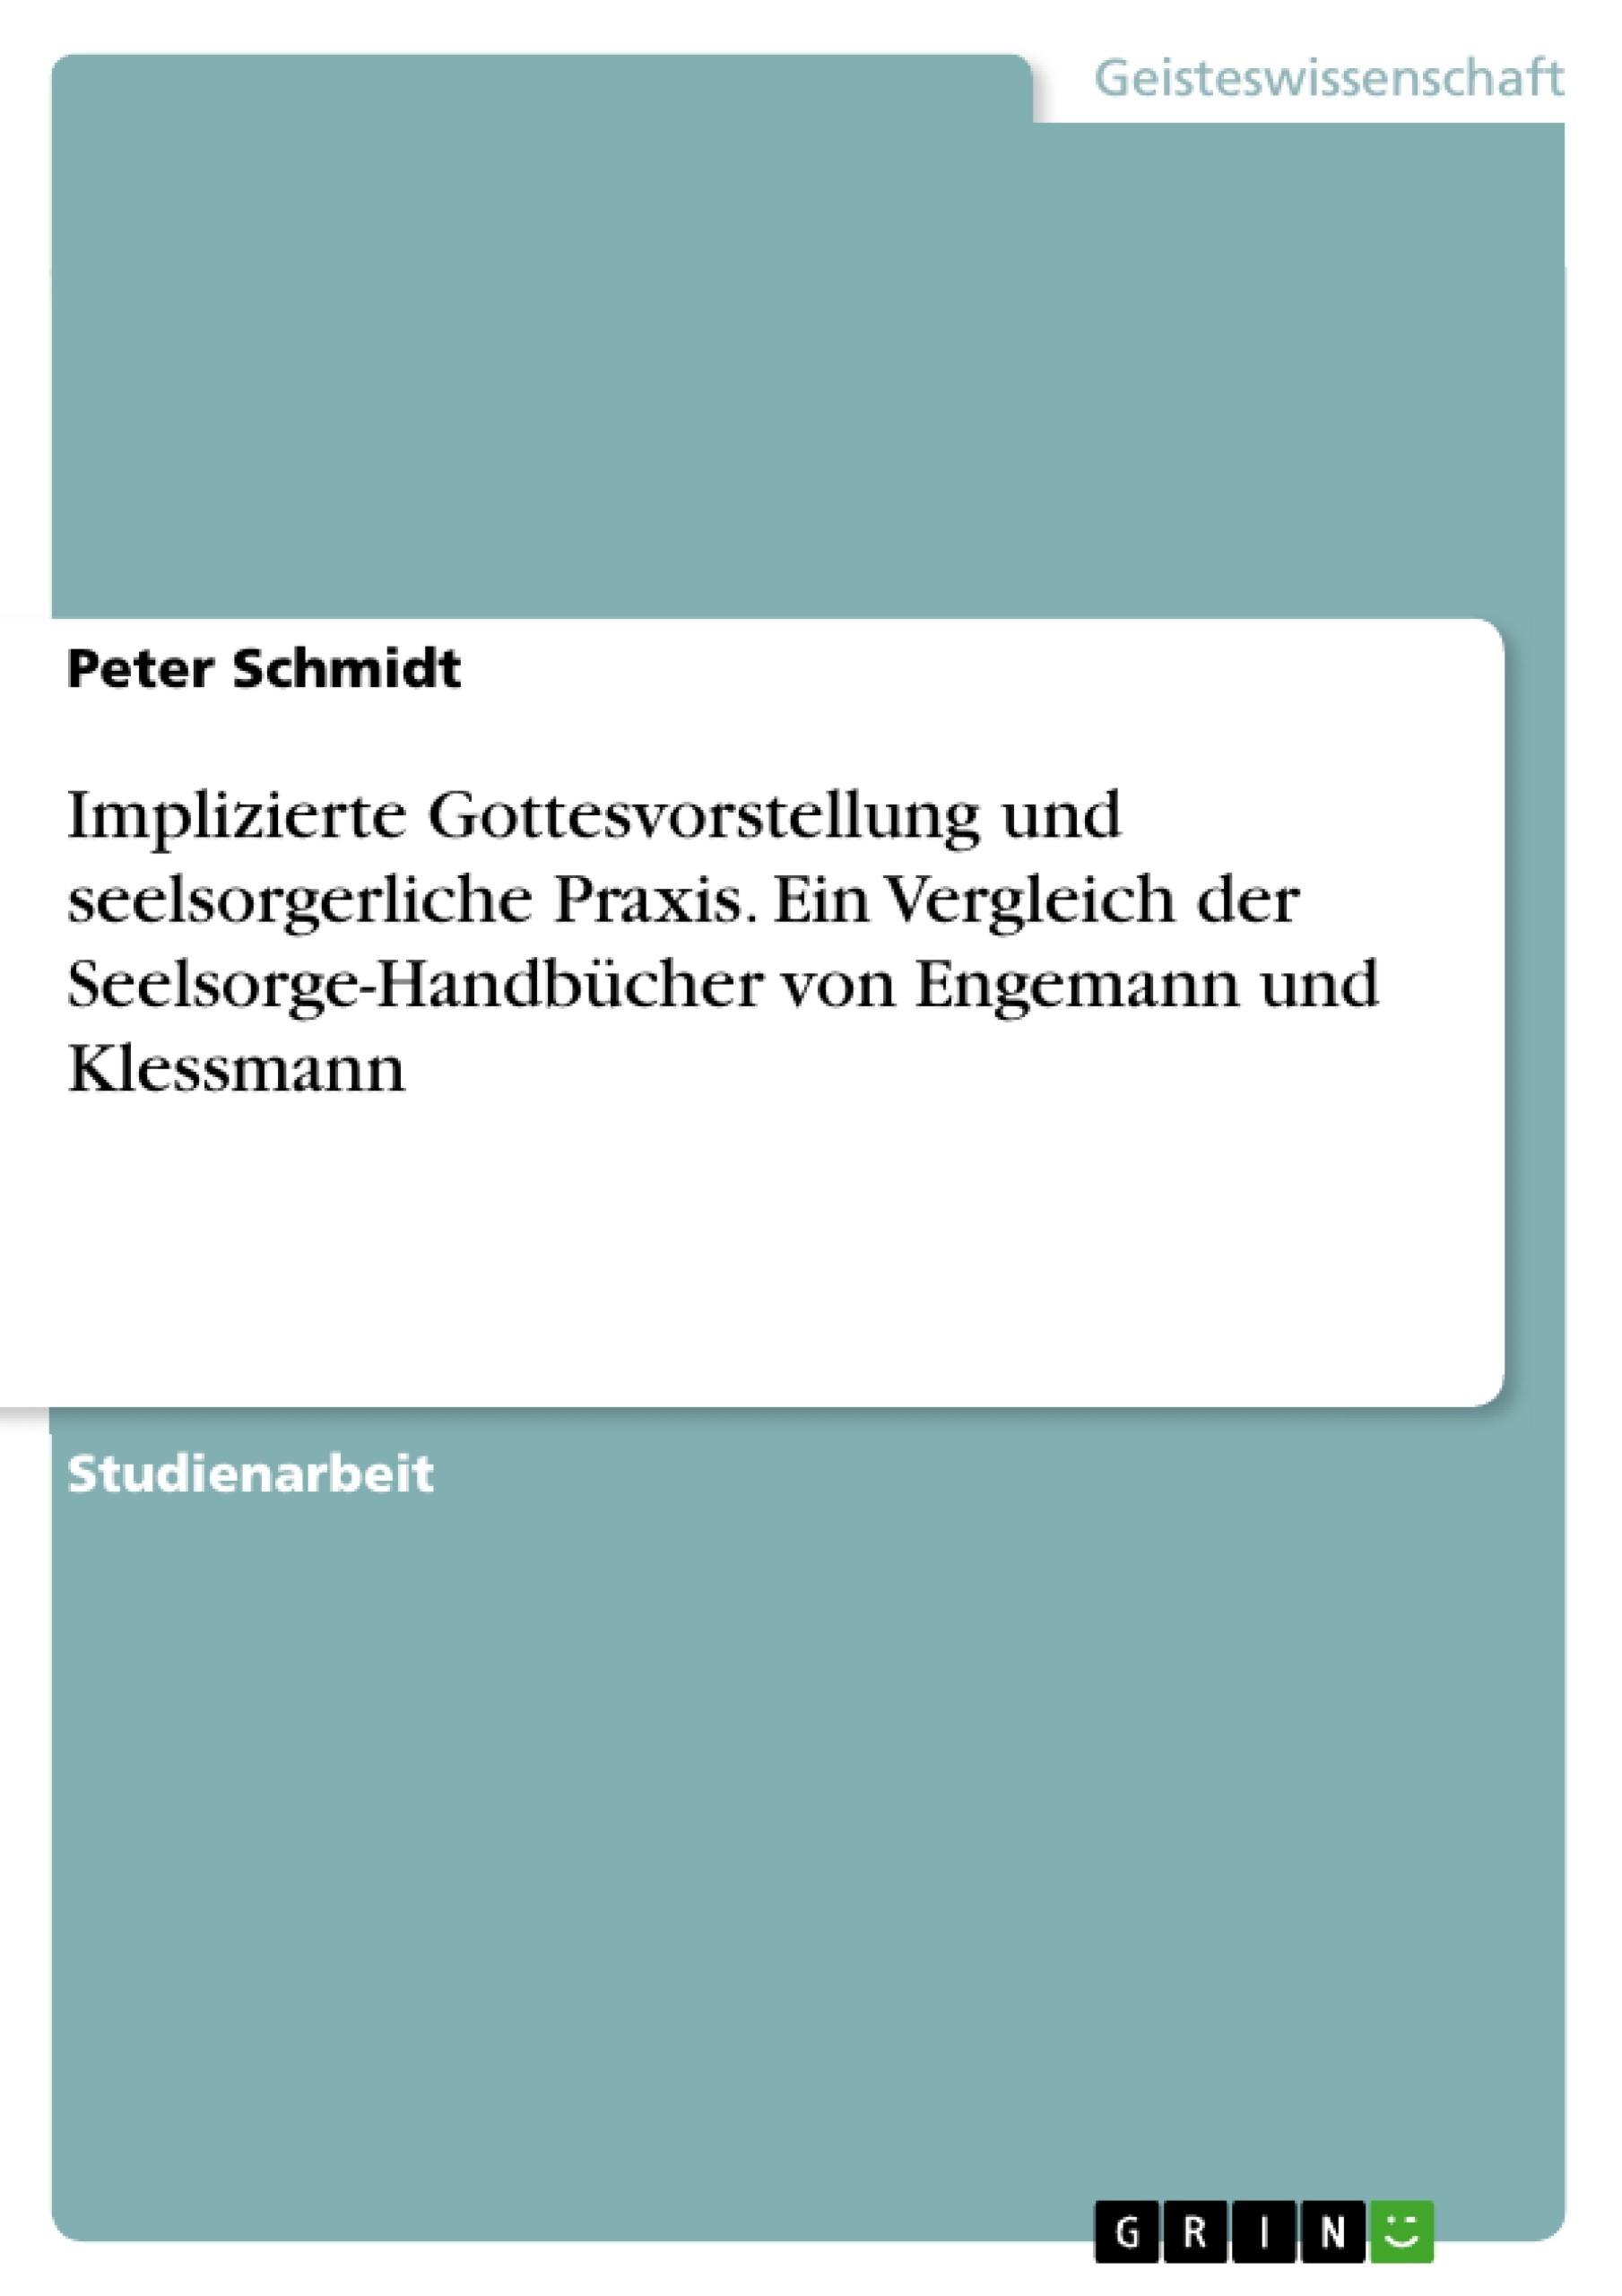 Titel: Implizierte Gottesvorstellung und seelsorgerliche Praxis. Ein Vergleich der Seelsorge-Handbücher von Engemann und Klessmann